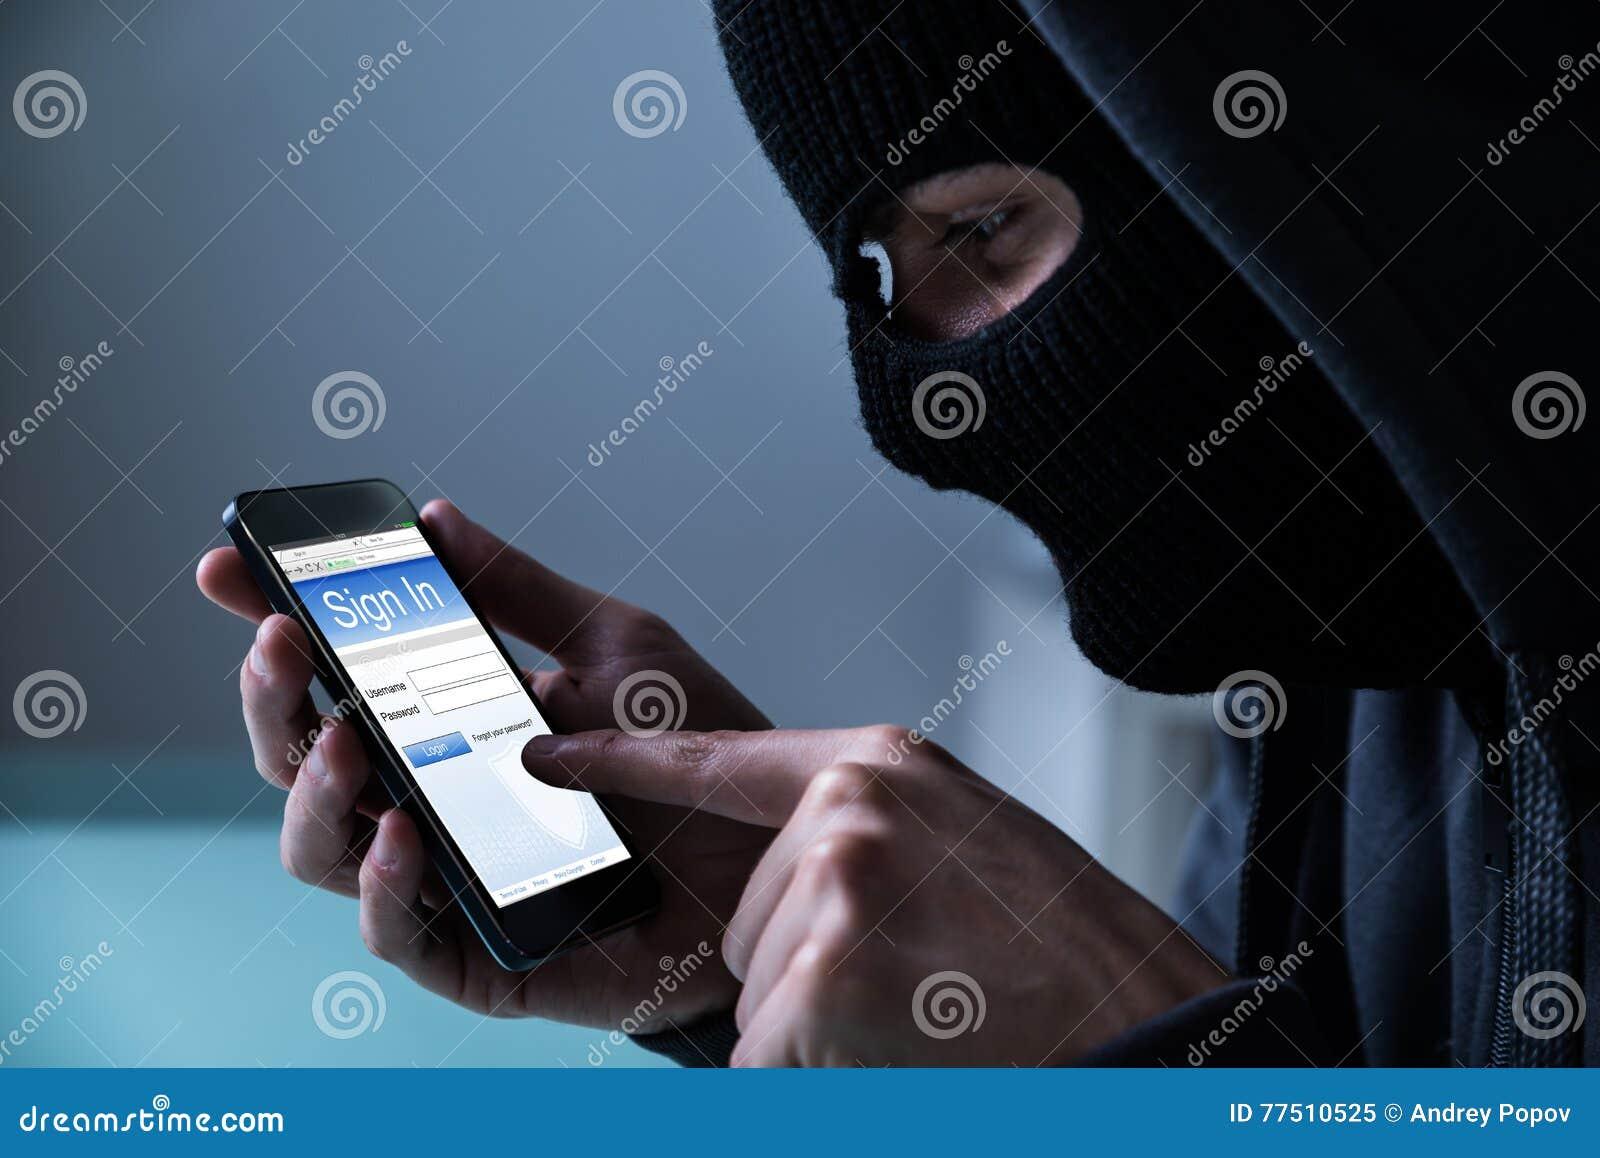 Χάκερ που χρησιμοποιεί το έξυπνο τηλέφωνο για να κλέψει τα στοιχεία